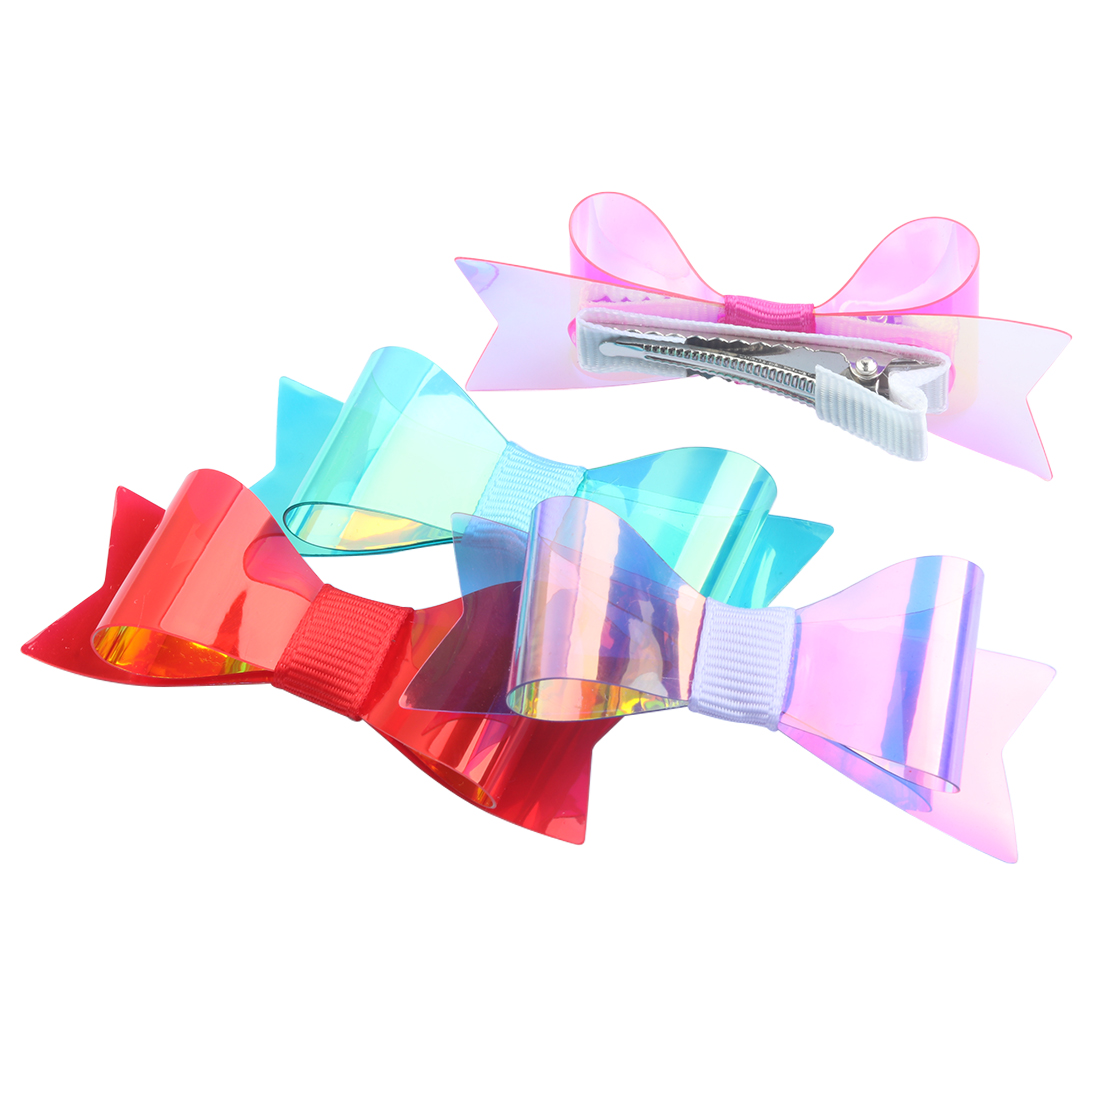 1 Pc Hairbows Mini Bogen Mit Clips Pvc Glänzend Bögen Verknotet Mode Neue Design Mädchen Headwear Kinder Haar Zubehör